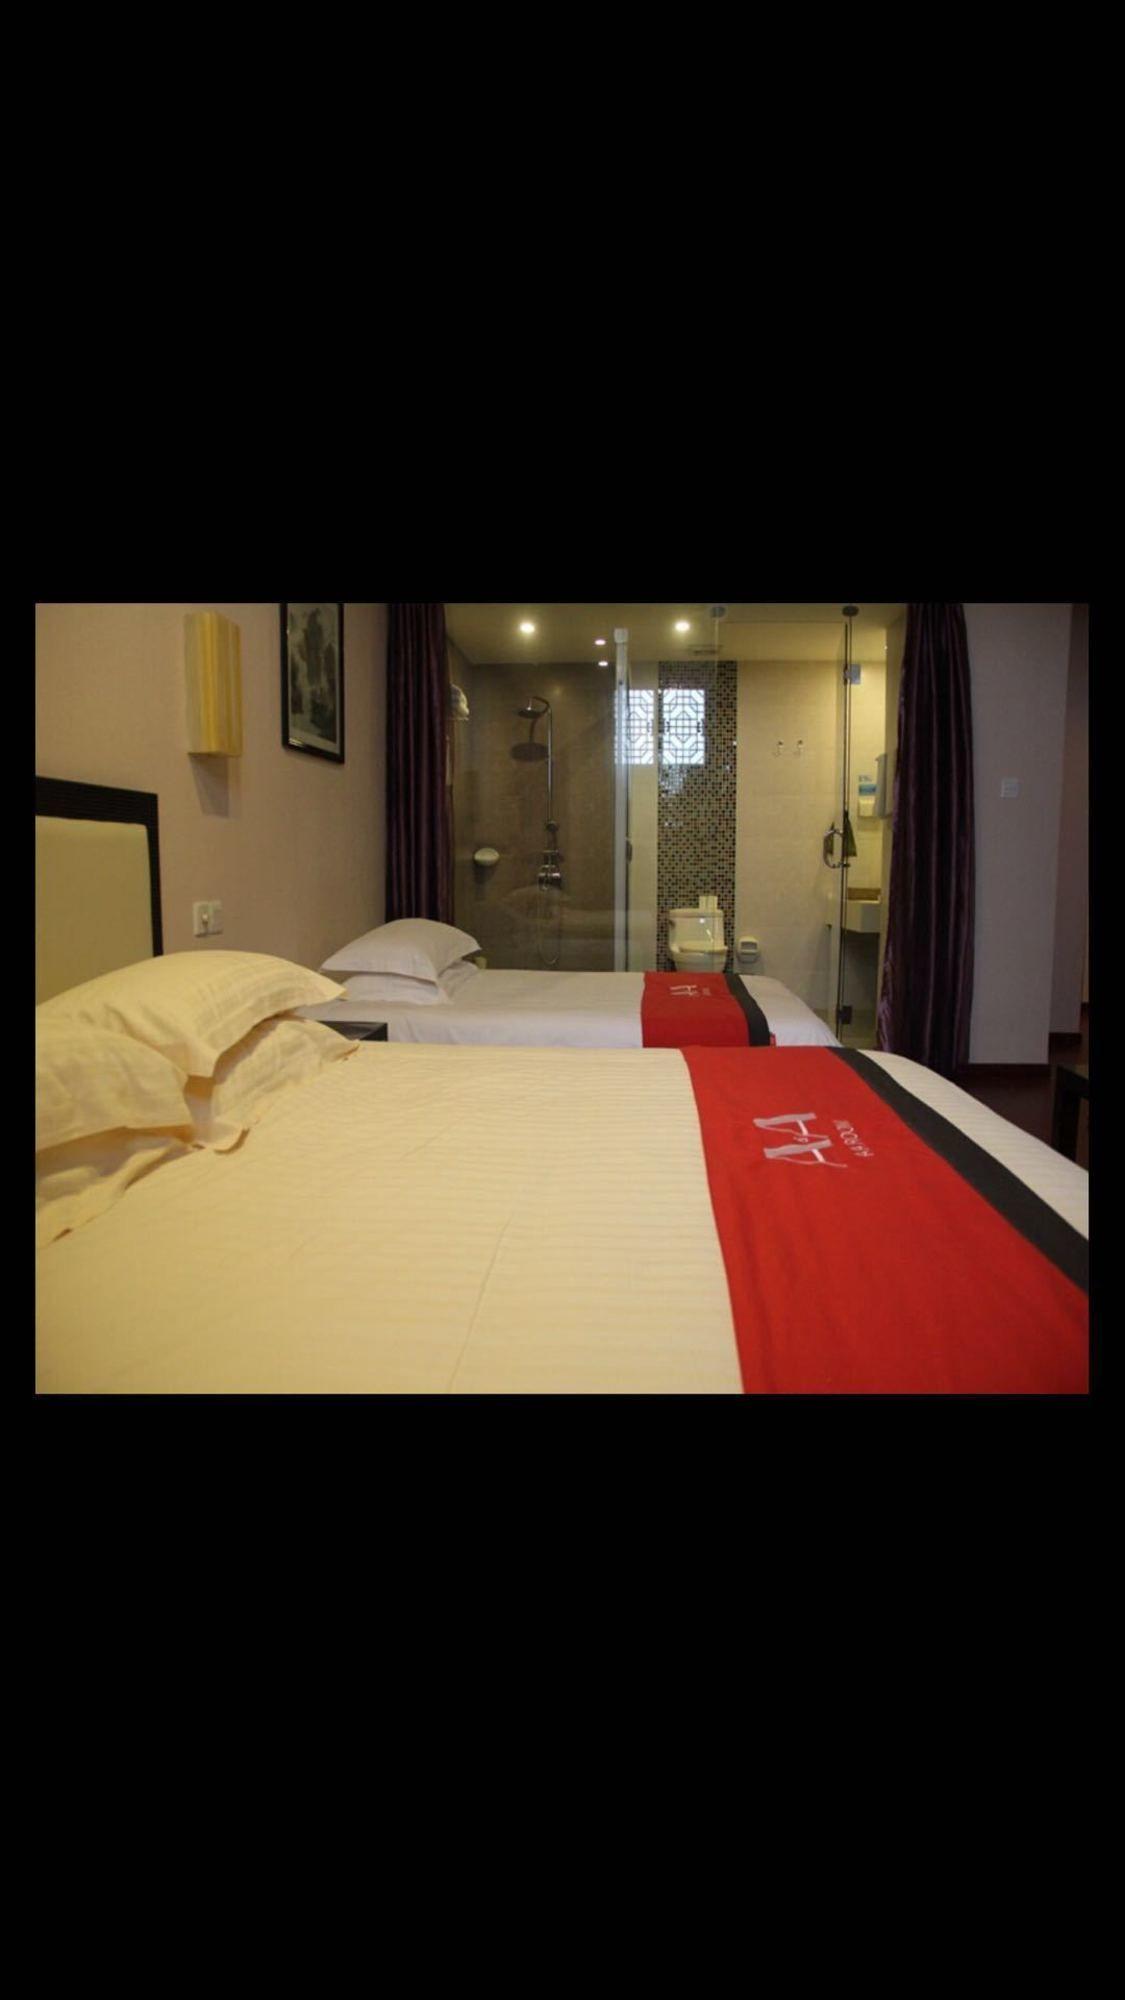 Qianshengyuan Holiday Hotel Suzhou